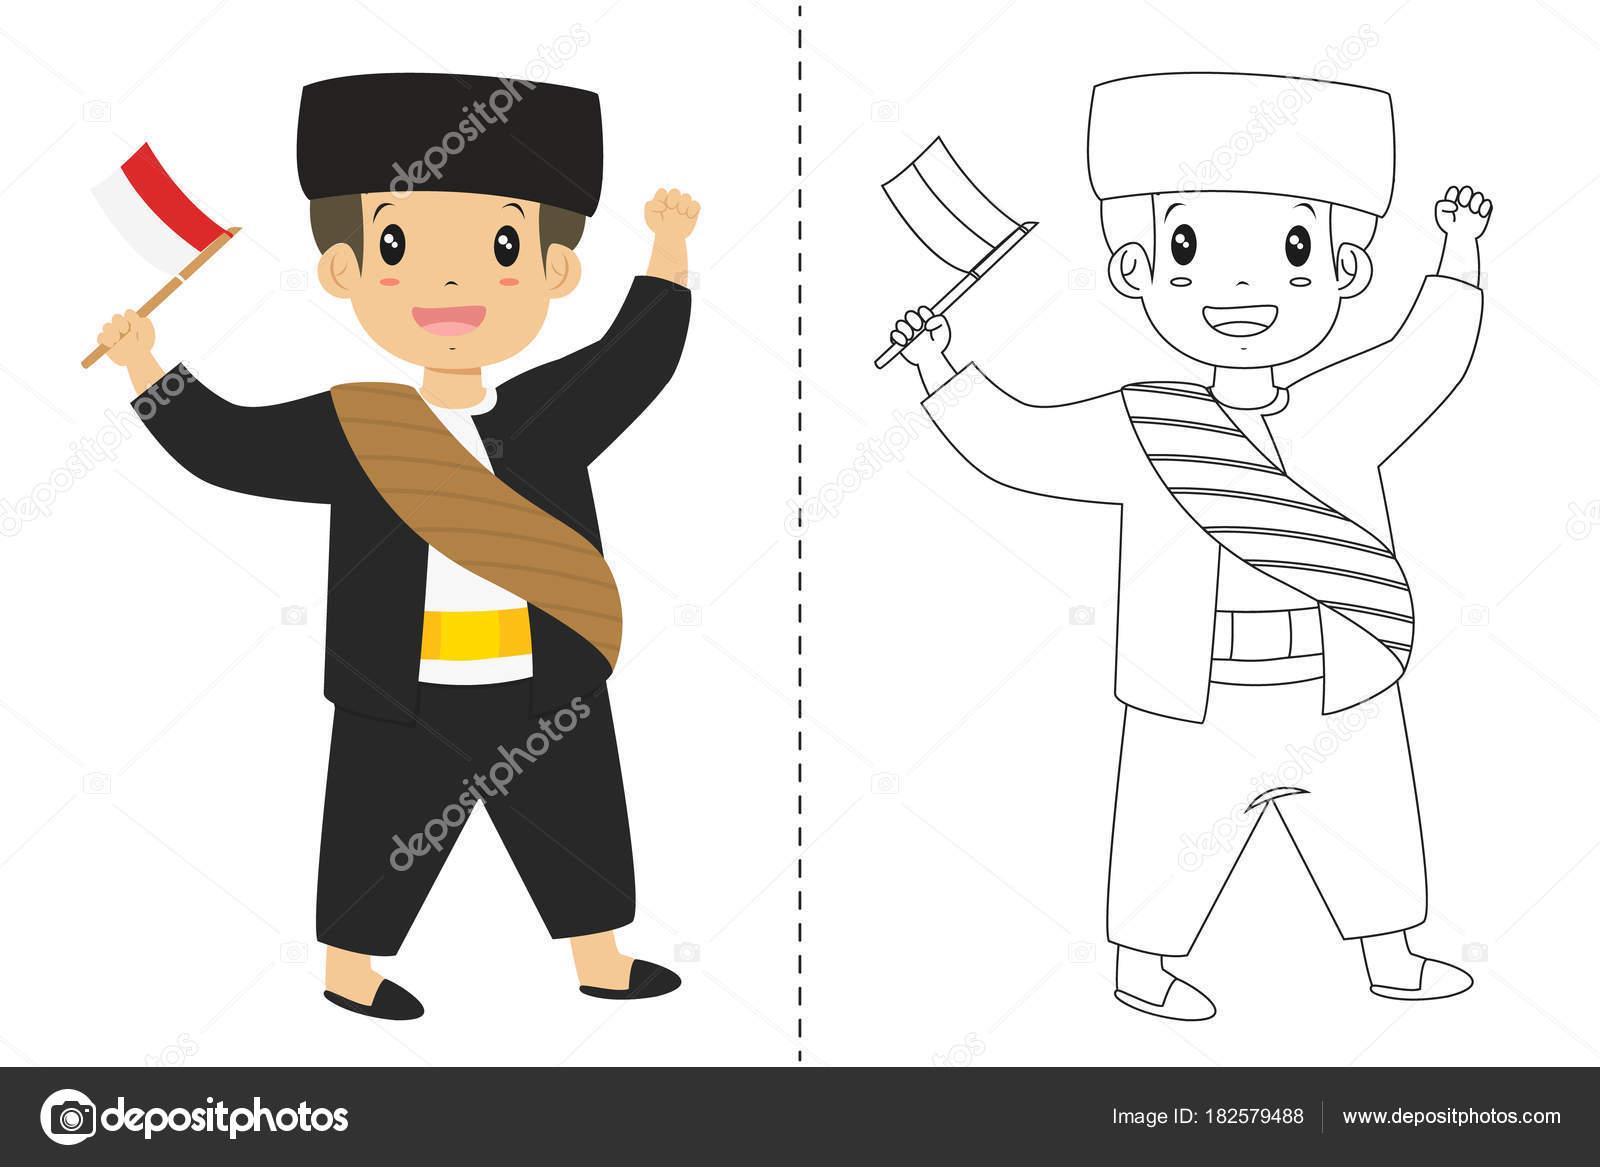 Betawi Jakarta Geleneksel Kıyafet Giyen Endonezya Bir Bayrak Tutan